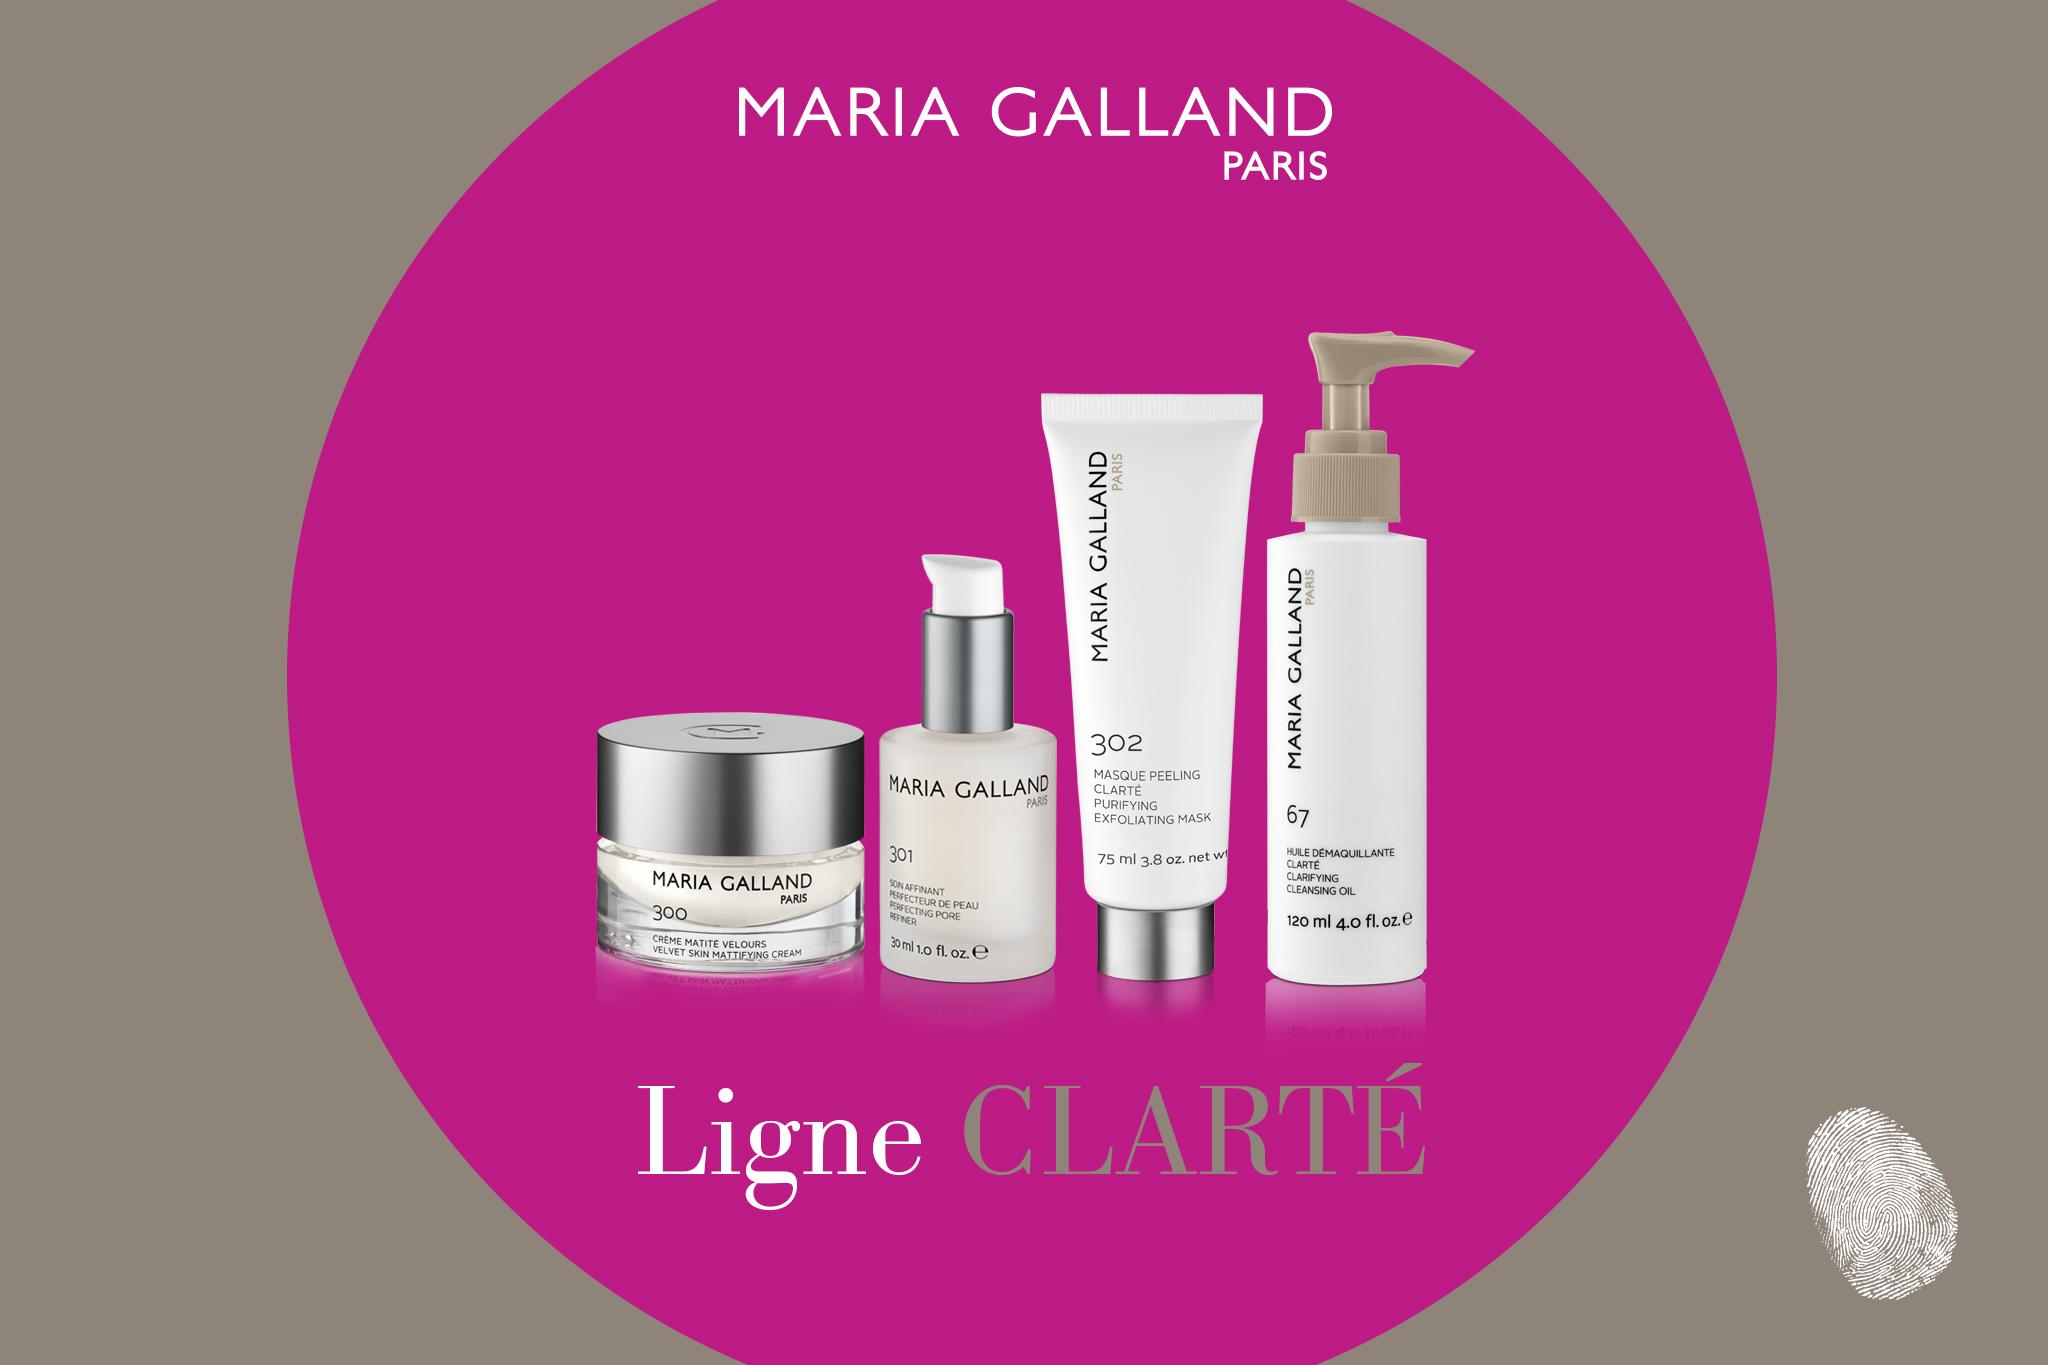 produkte-maria-galland-wiesbaden-3